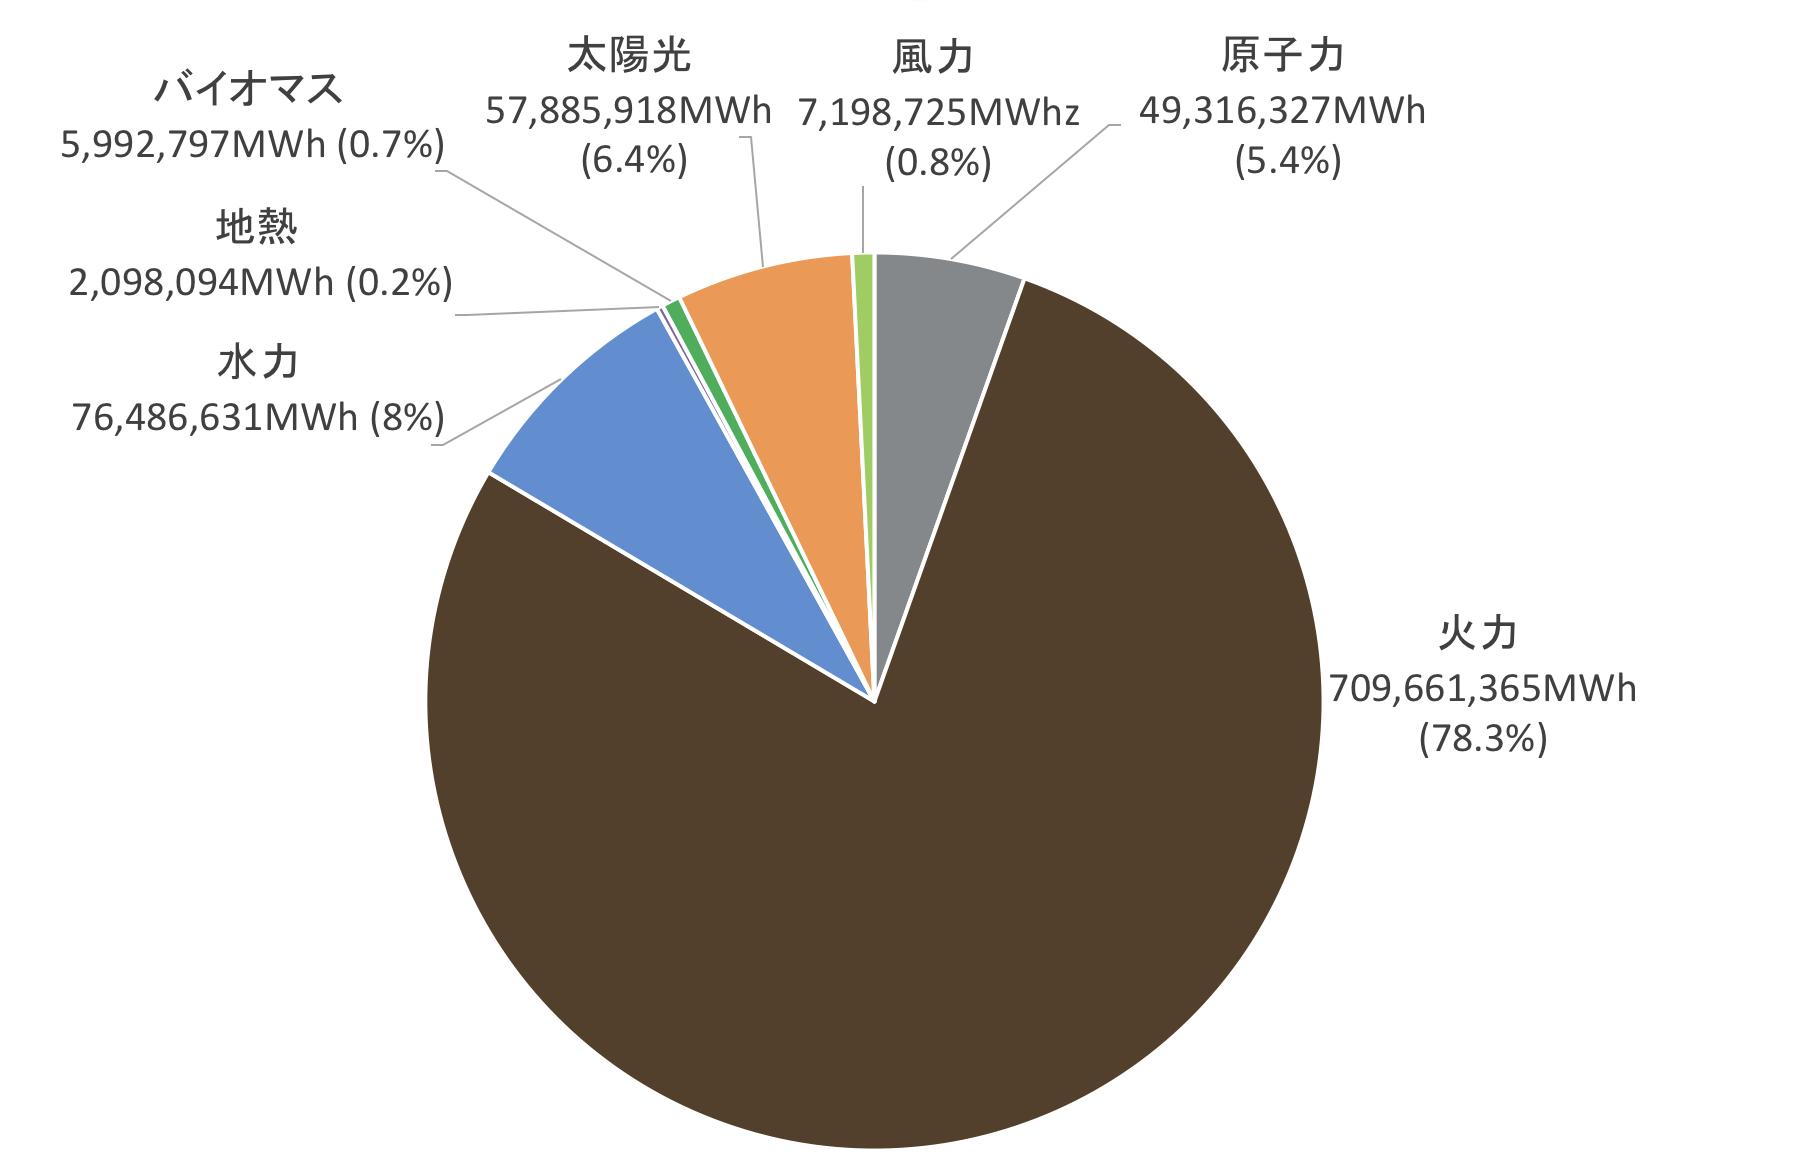 2018年の自然エネルギー割合は? | ISEP Energy Chart